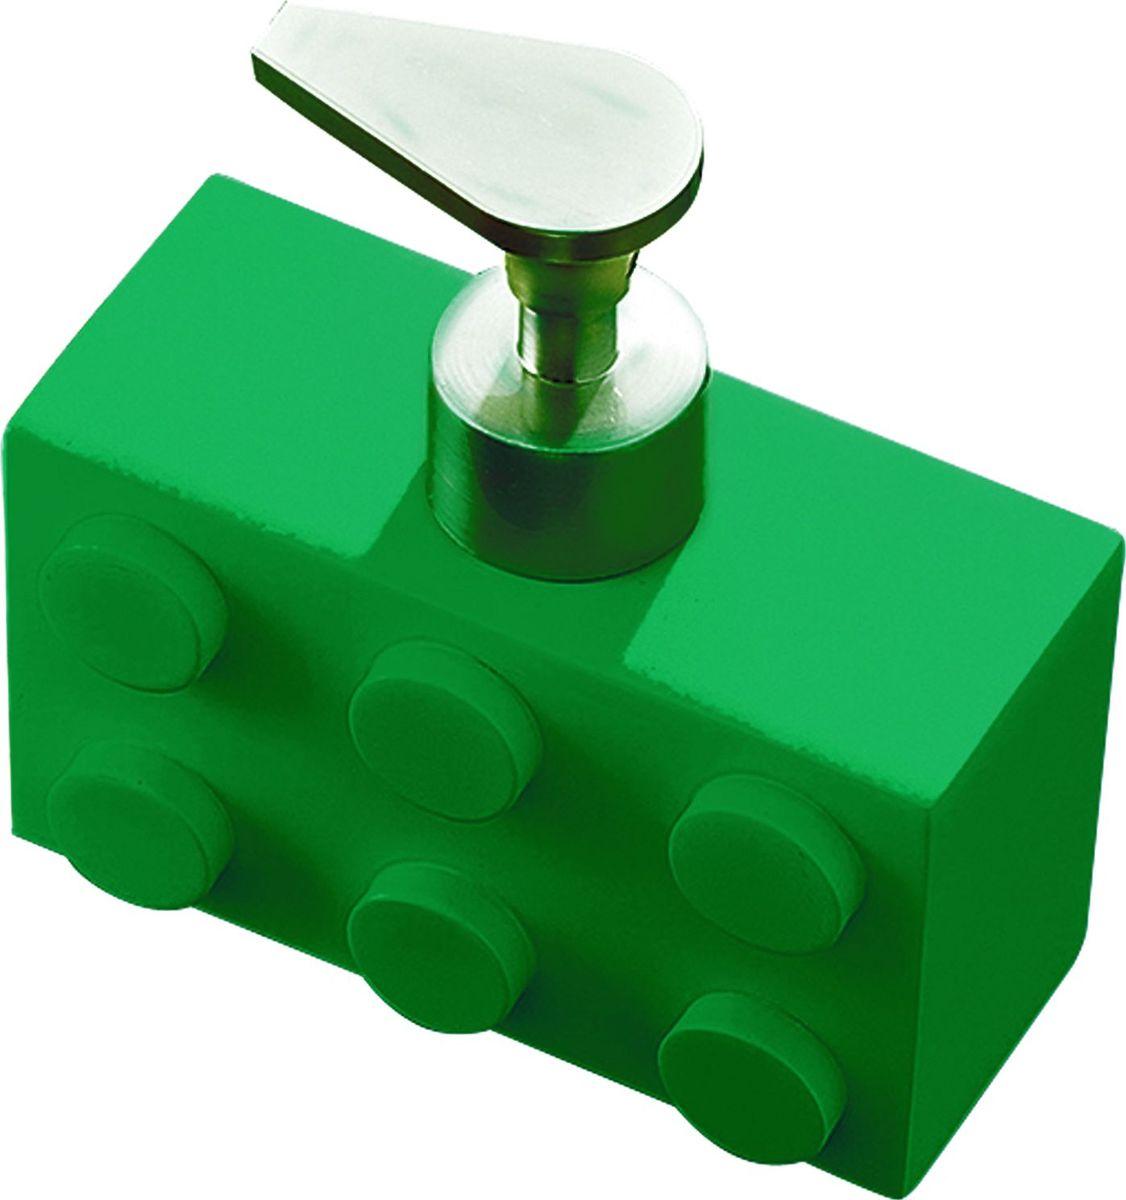 Дозатор для жидкого мыла Ridder Bob, цвет: зеленый, 280 млNN-605-LS-WДозатор для жидкого мыла Ridder Bob, изготовленный из экологичной полирезины, отлично подойдет для вашей ванной комнаты. Такой аксессуар очень удобен в использовании, достаточно лишь перелить жидкое мыло в дозатор, а когда необходимо использование мыла, легким нажатием выдавить нужное количество.Дозатор для жидкого мыла Ridder Bob создаст особую атмосферу уюта и максимального комфорта в ванной. Объем дозатора: 280 мл.